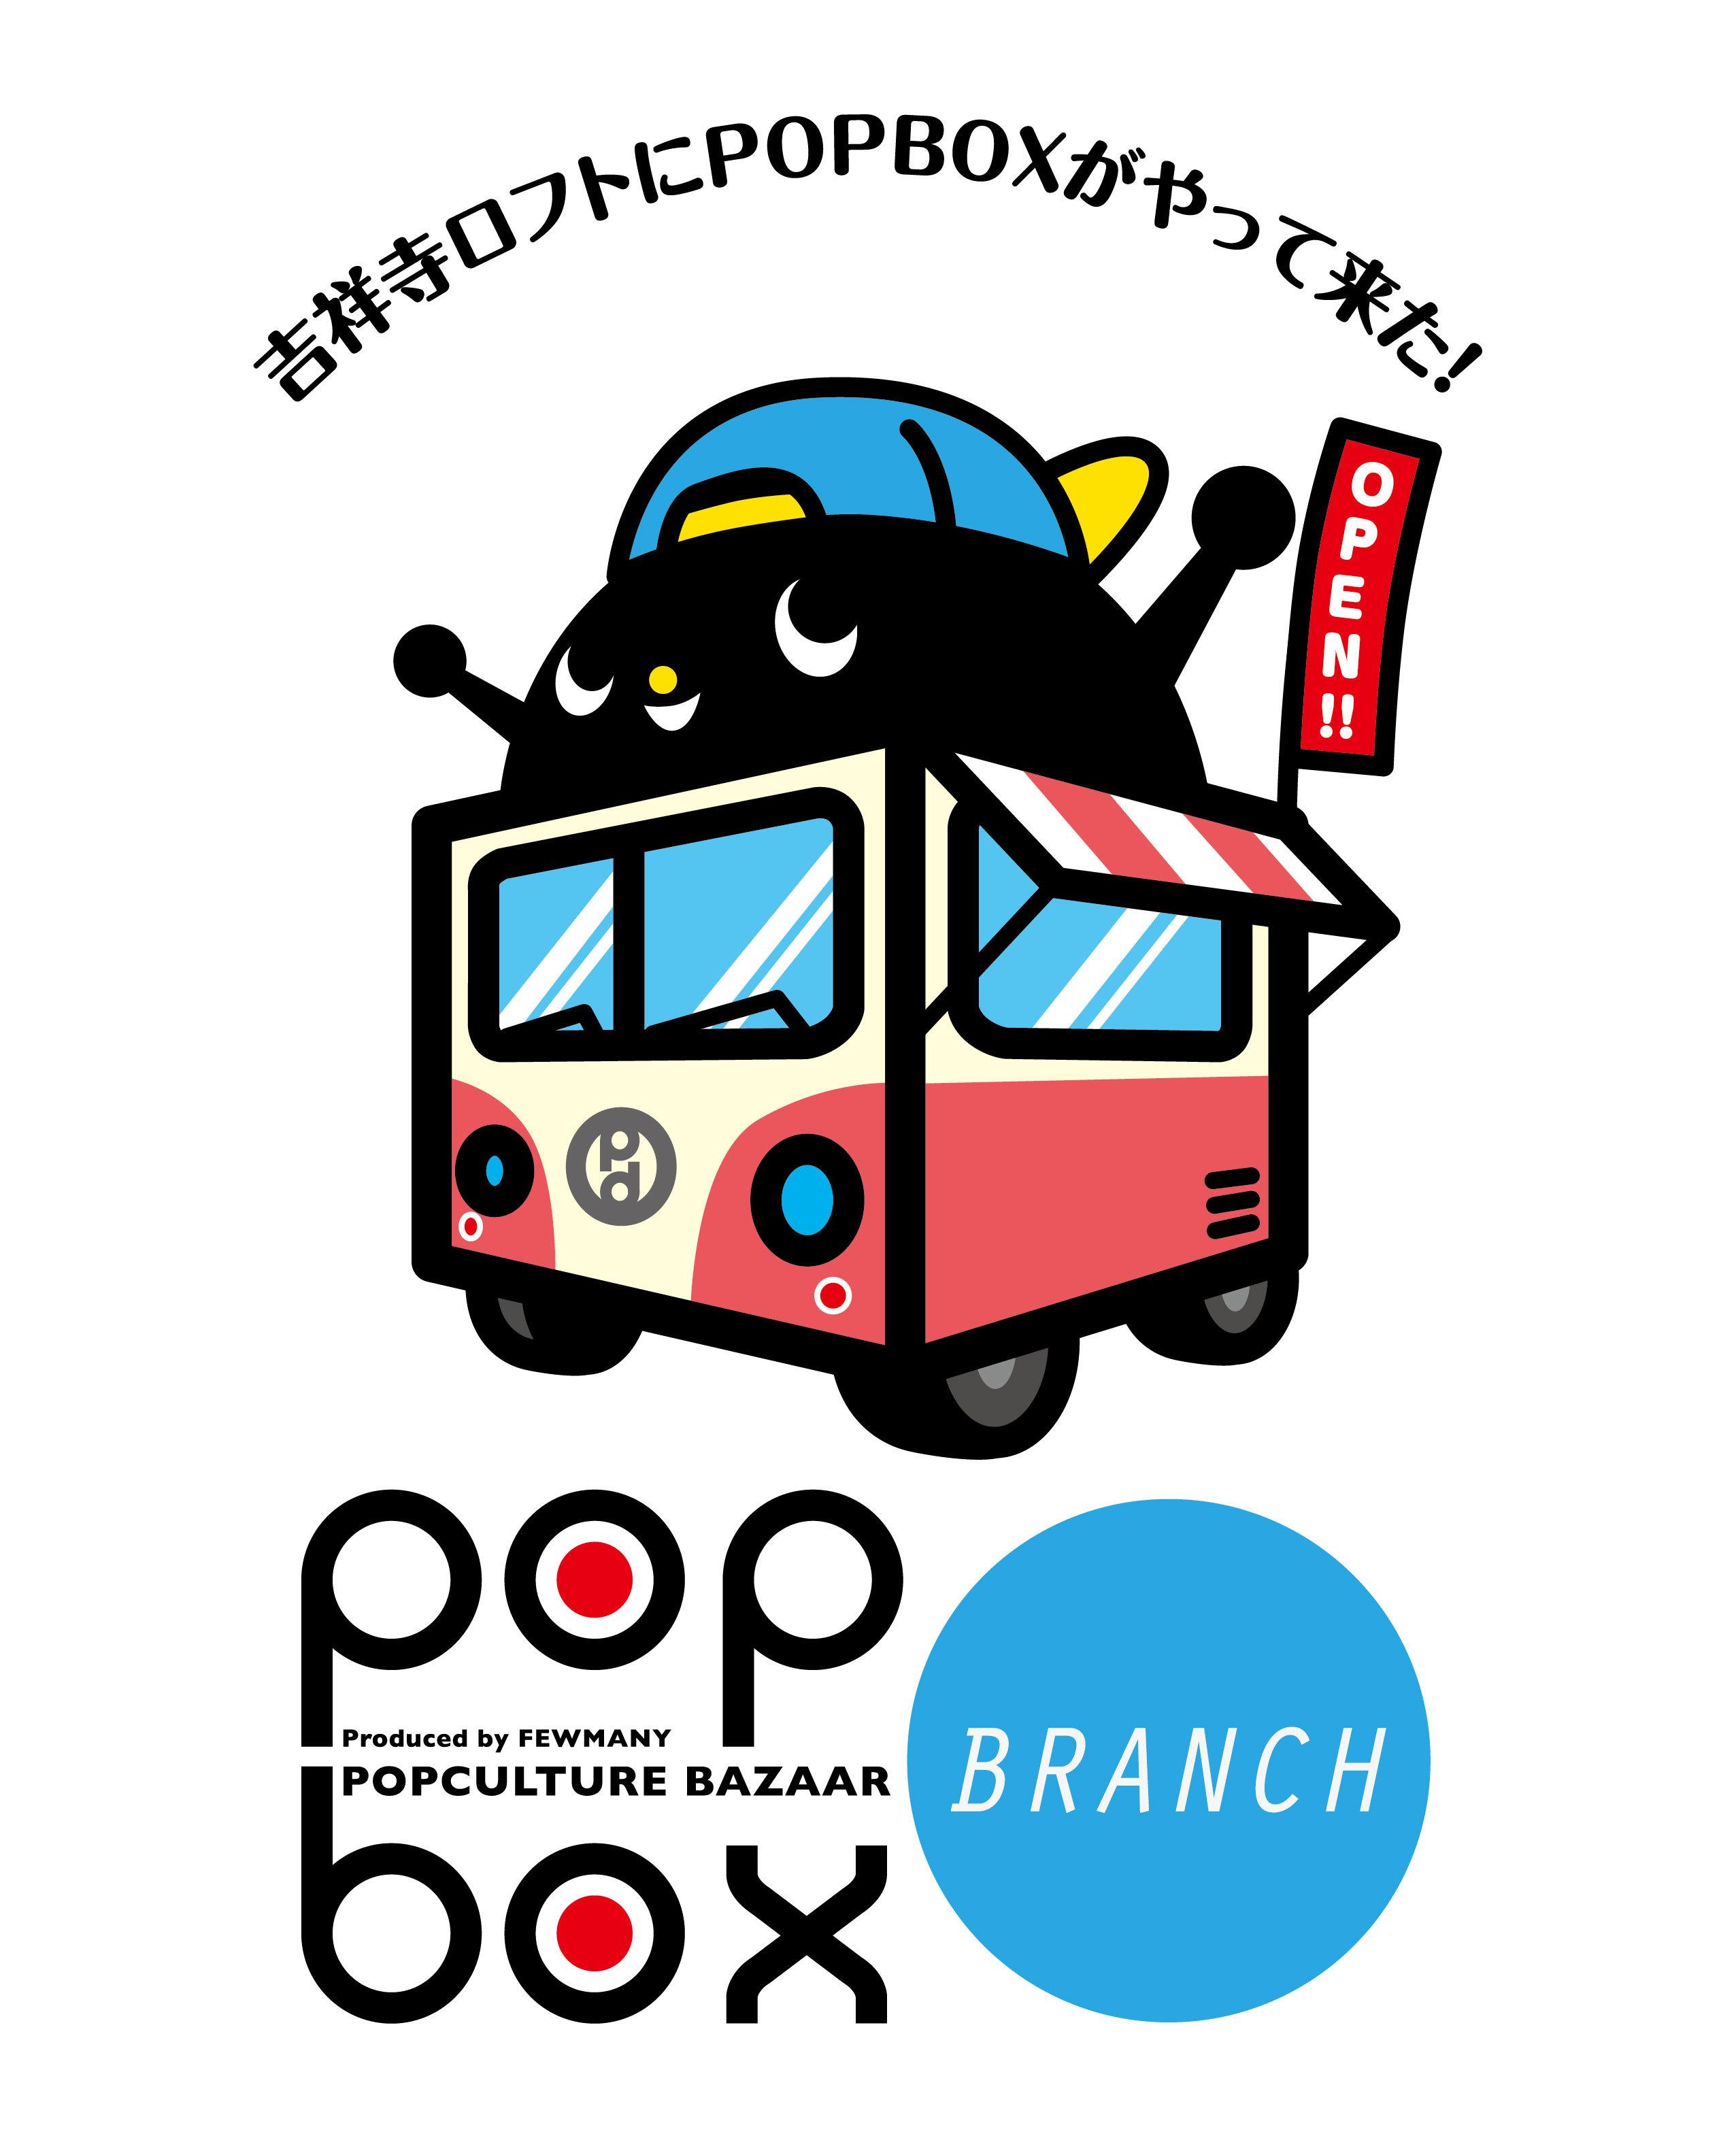 吉祥寺ロフト「POPBOXBRANCH」開催のお知らせ_f0010033_15054961.jpg